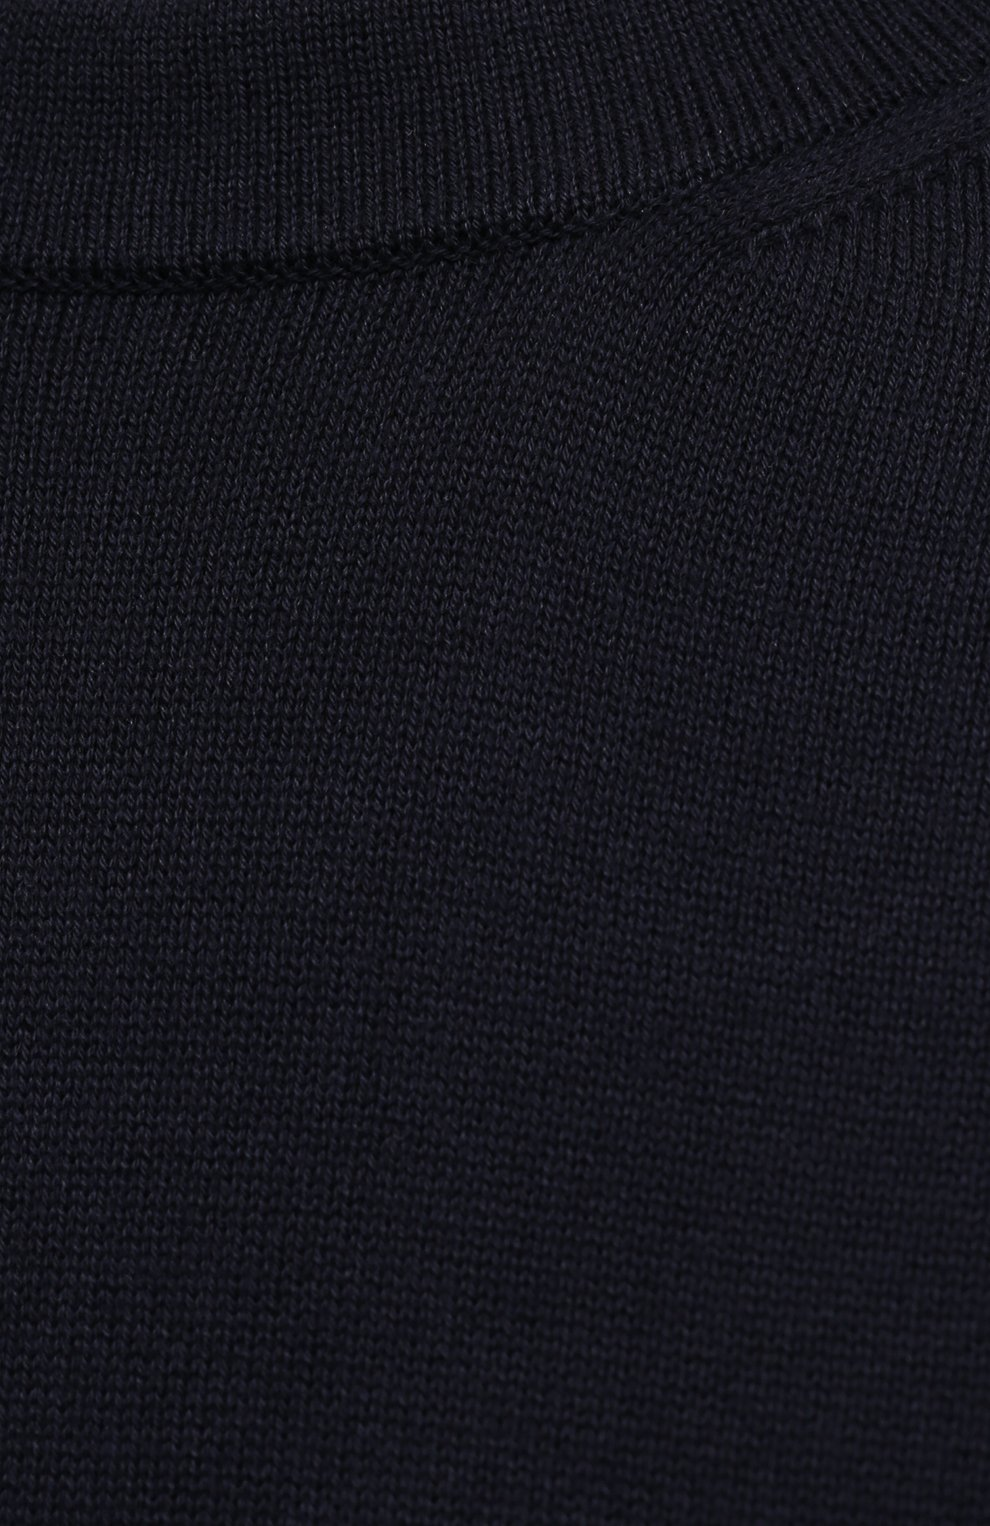 Мужской хлопковый джемпер STONE ISLAND темно-синего цвета, арт. 7415504B2 | Фото 5 (Мужское Кросс-КТ: Джемперы; Рукава: Длинные; Принт: Без принта; Длина (для топов): Стандартные; Материал внешний: Хлопок; Вырез: Круглый; Стили: Кэжуэл)